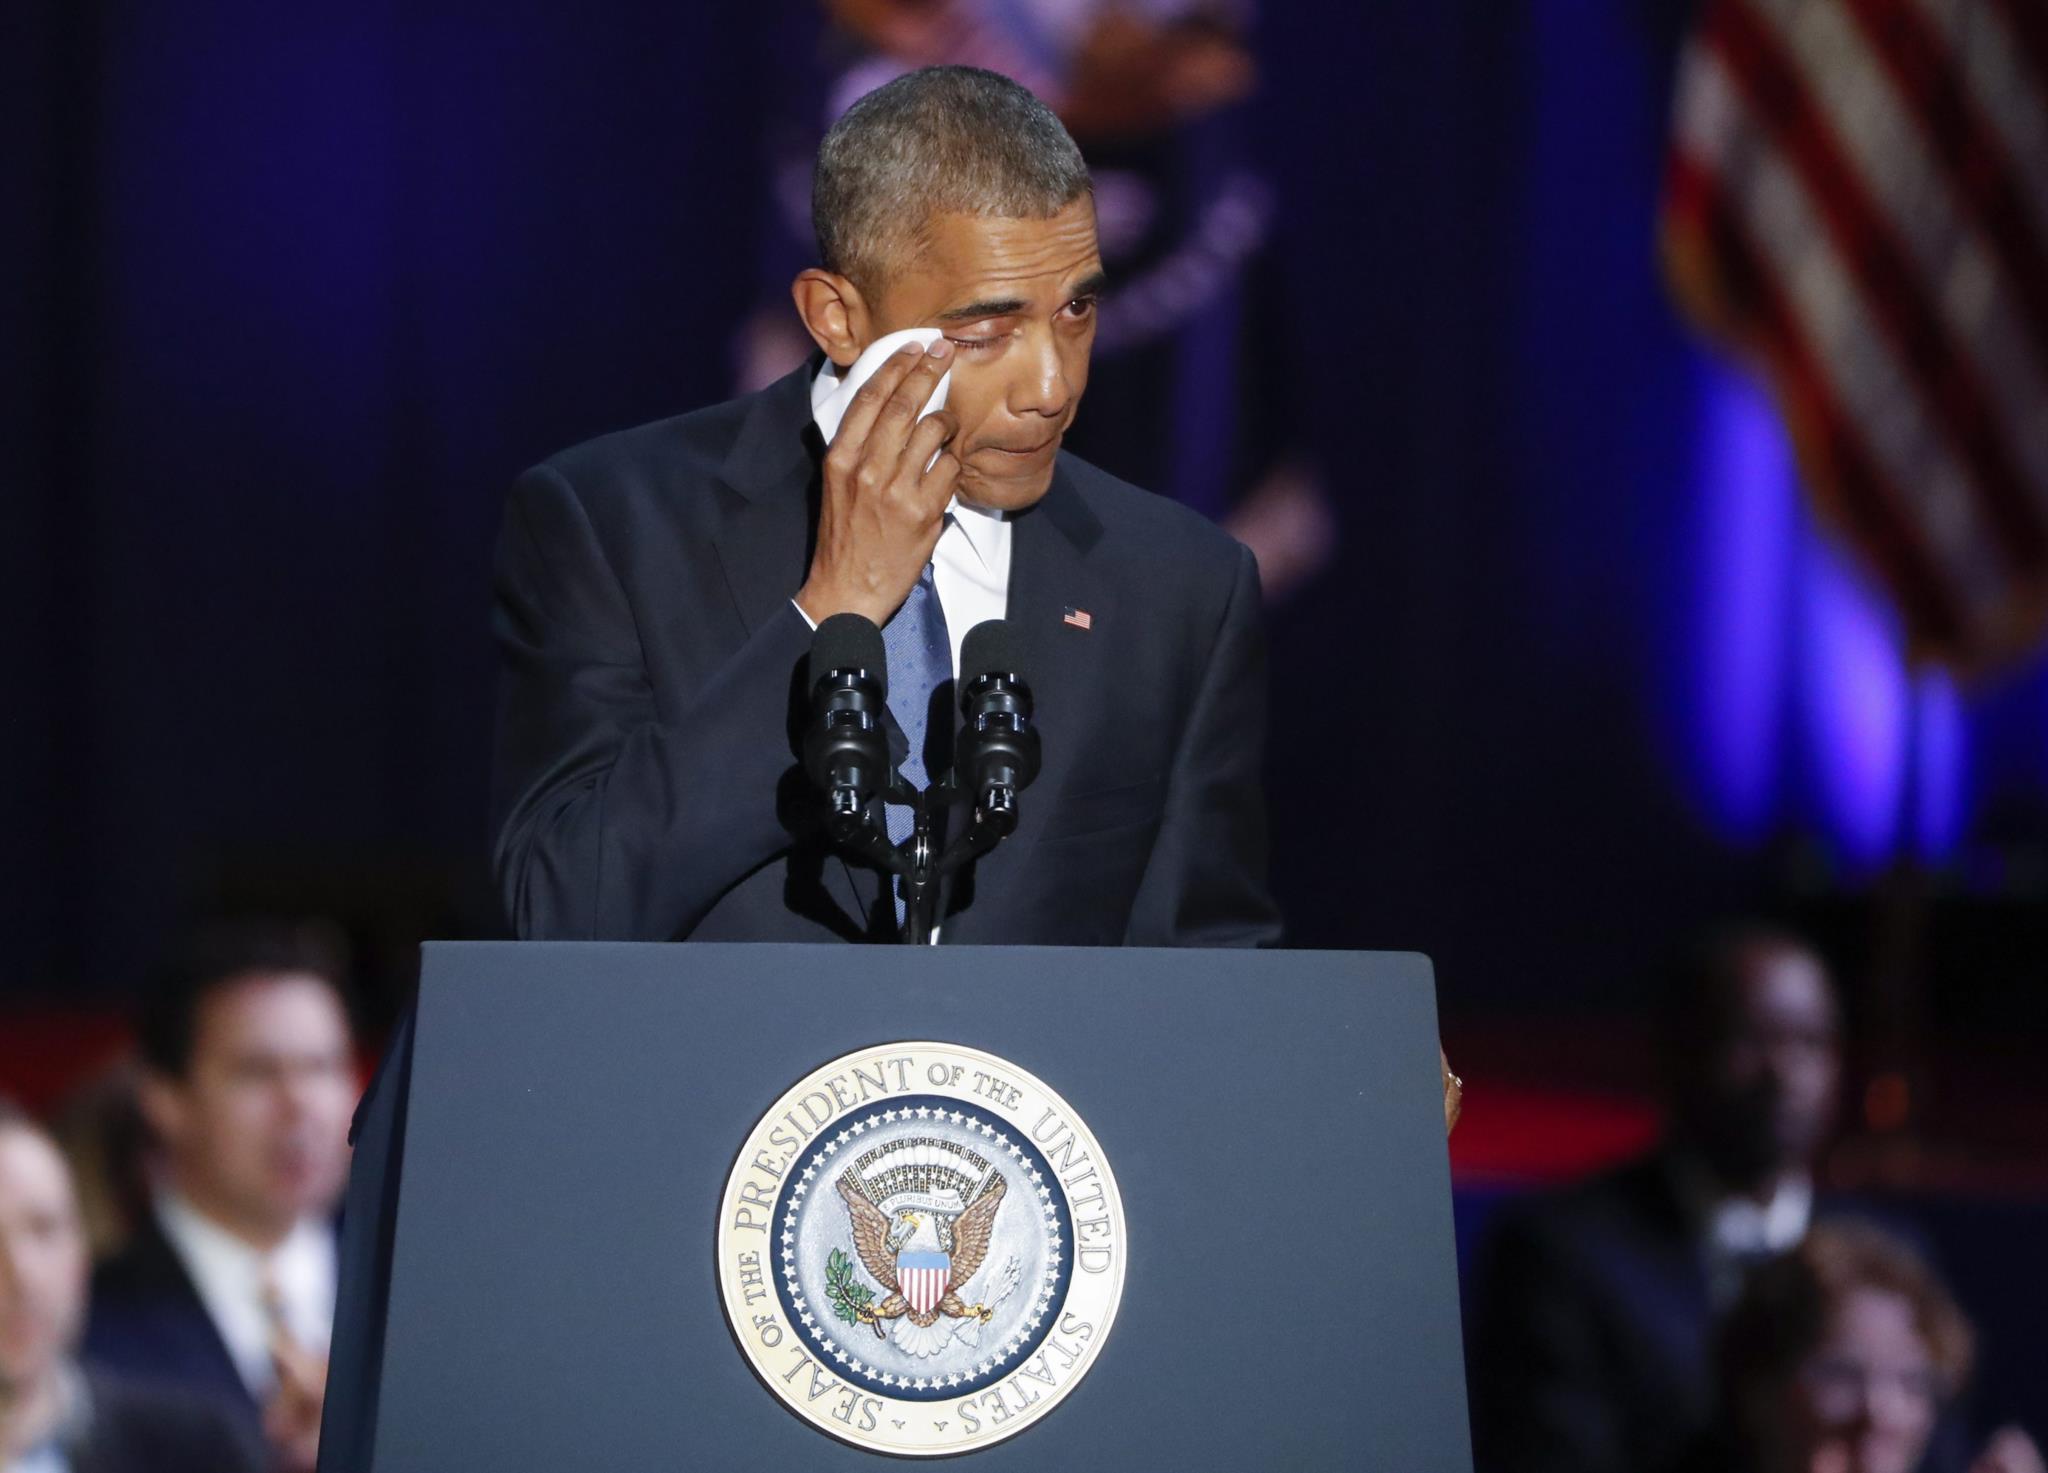 <i>Yes, we did</i> (sim, conseguimos) foram as últimas palavras que Barack Obama proferiu no seu último discurso enquanto Presidente dos Estados Unidos da América